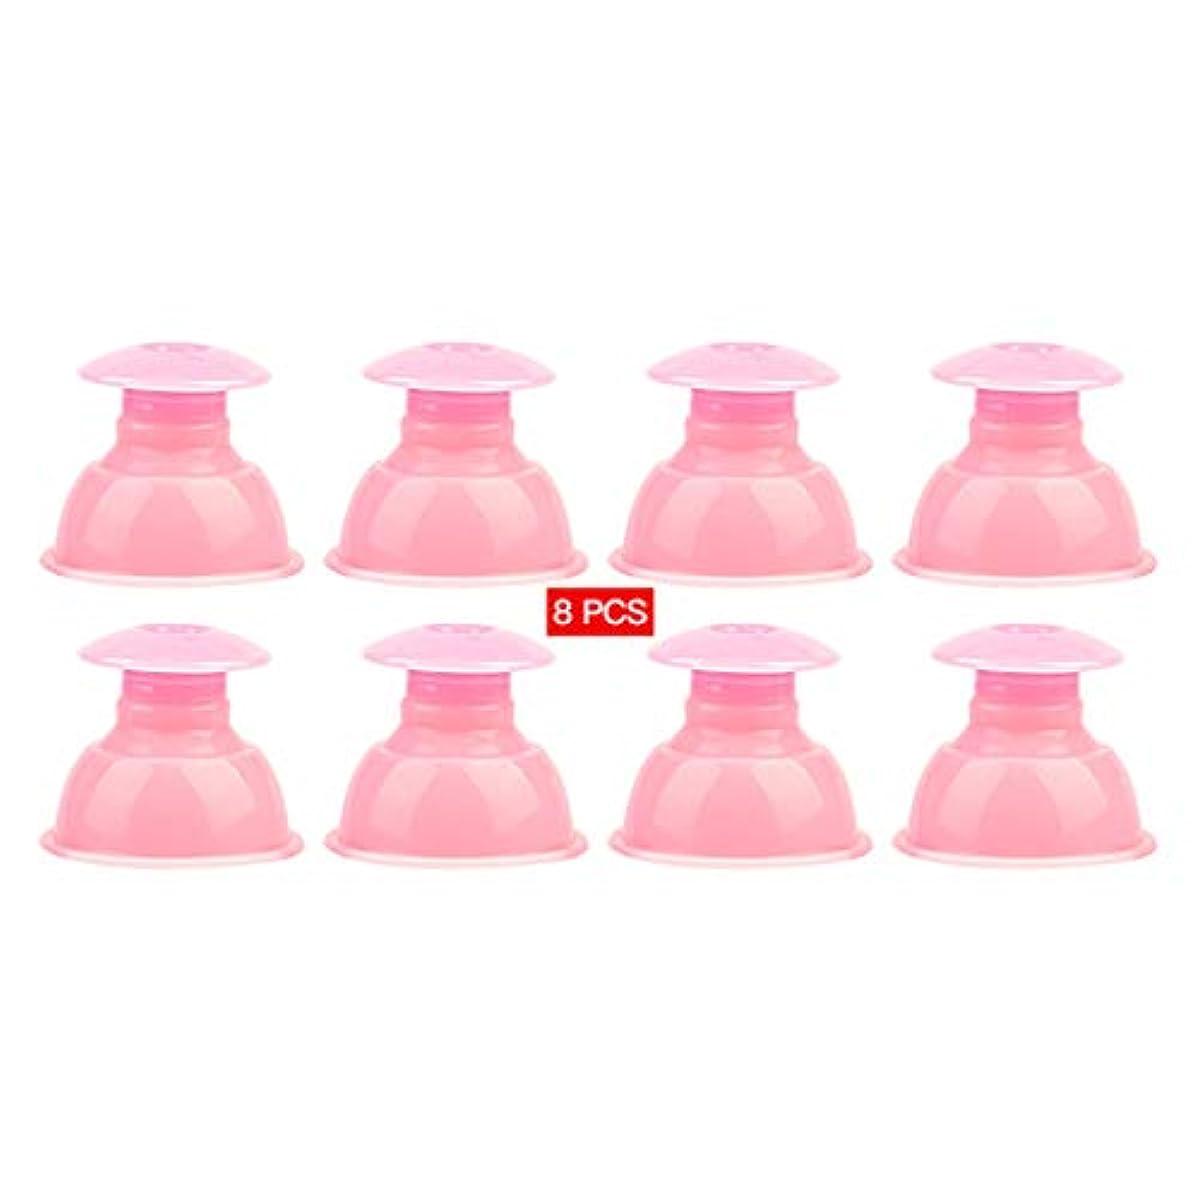 相互接続たとえ貧しい吸い玉 カッピング シリコン製 水洗いOK 繰り返し使える 55×35×48mm 8個セット ピンク